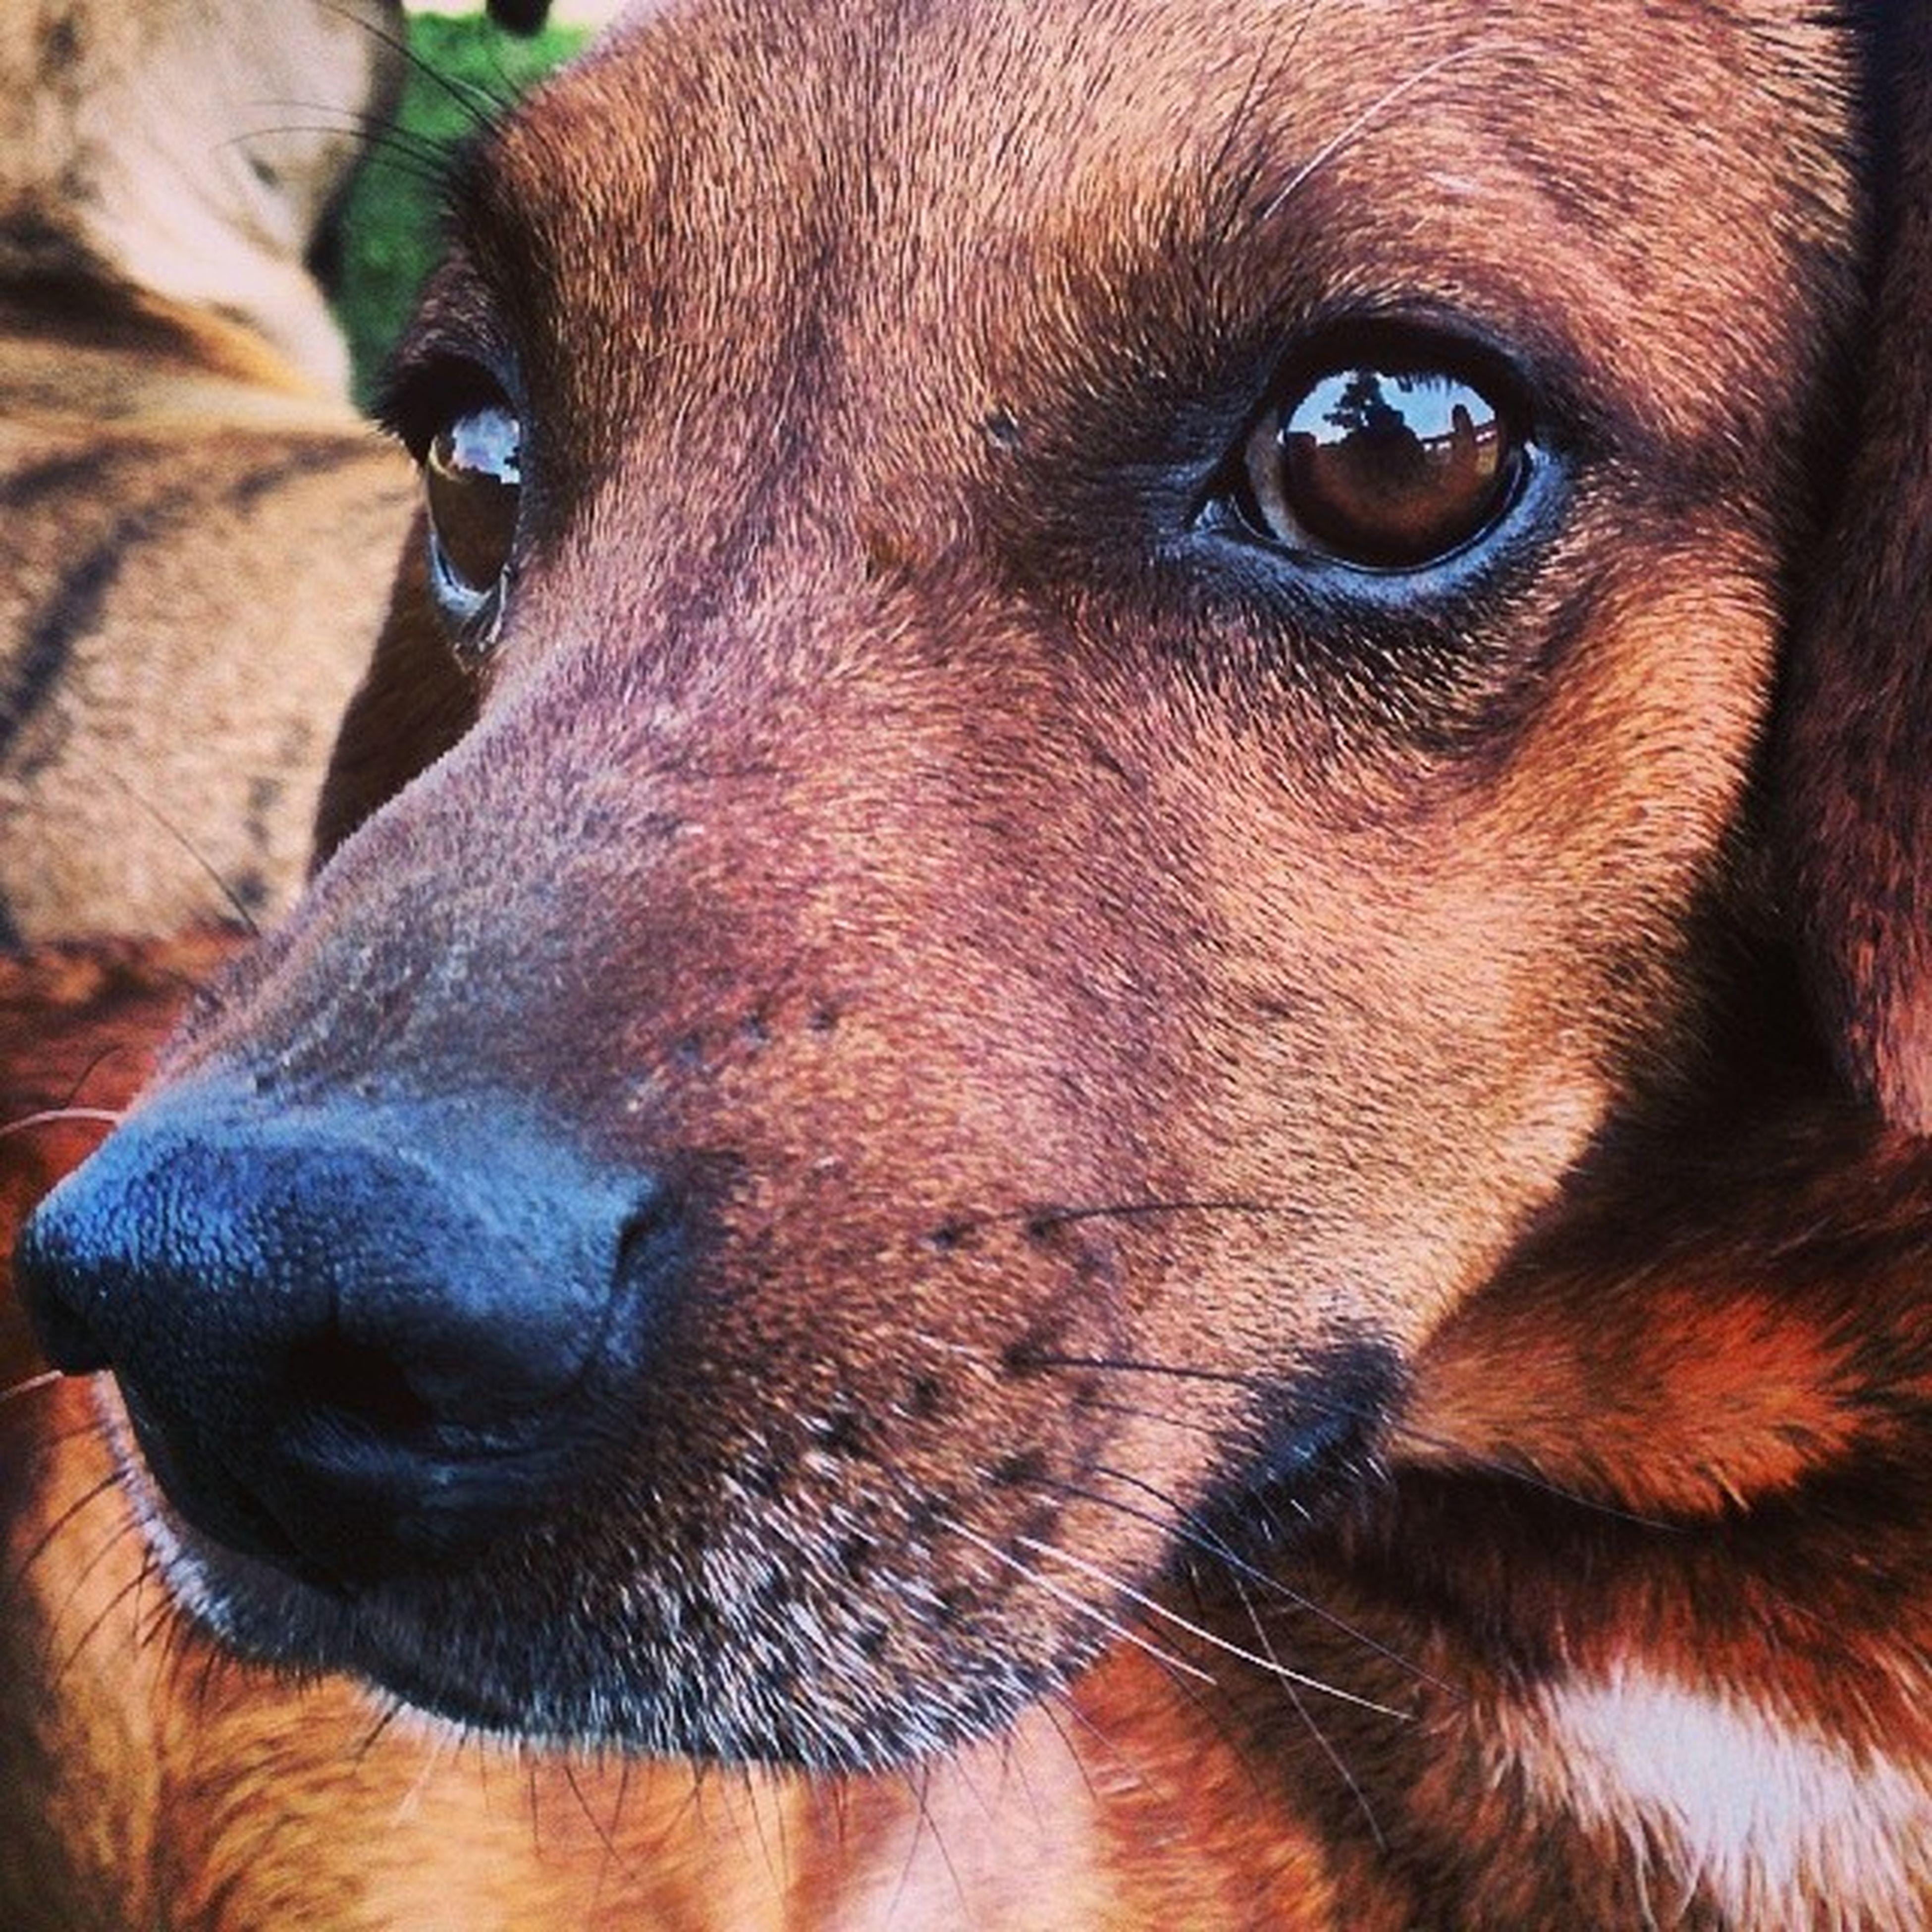 El más mino y más bravo: Cobrizo! Instachile Doglover Dog Park sunday